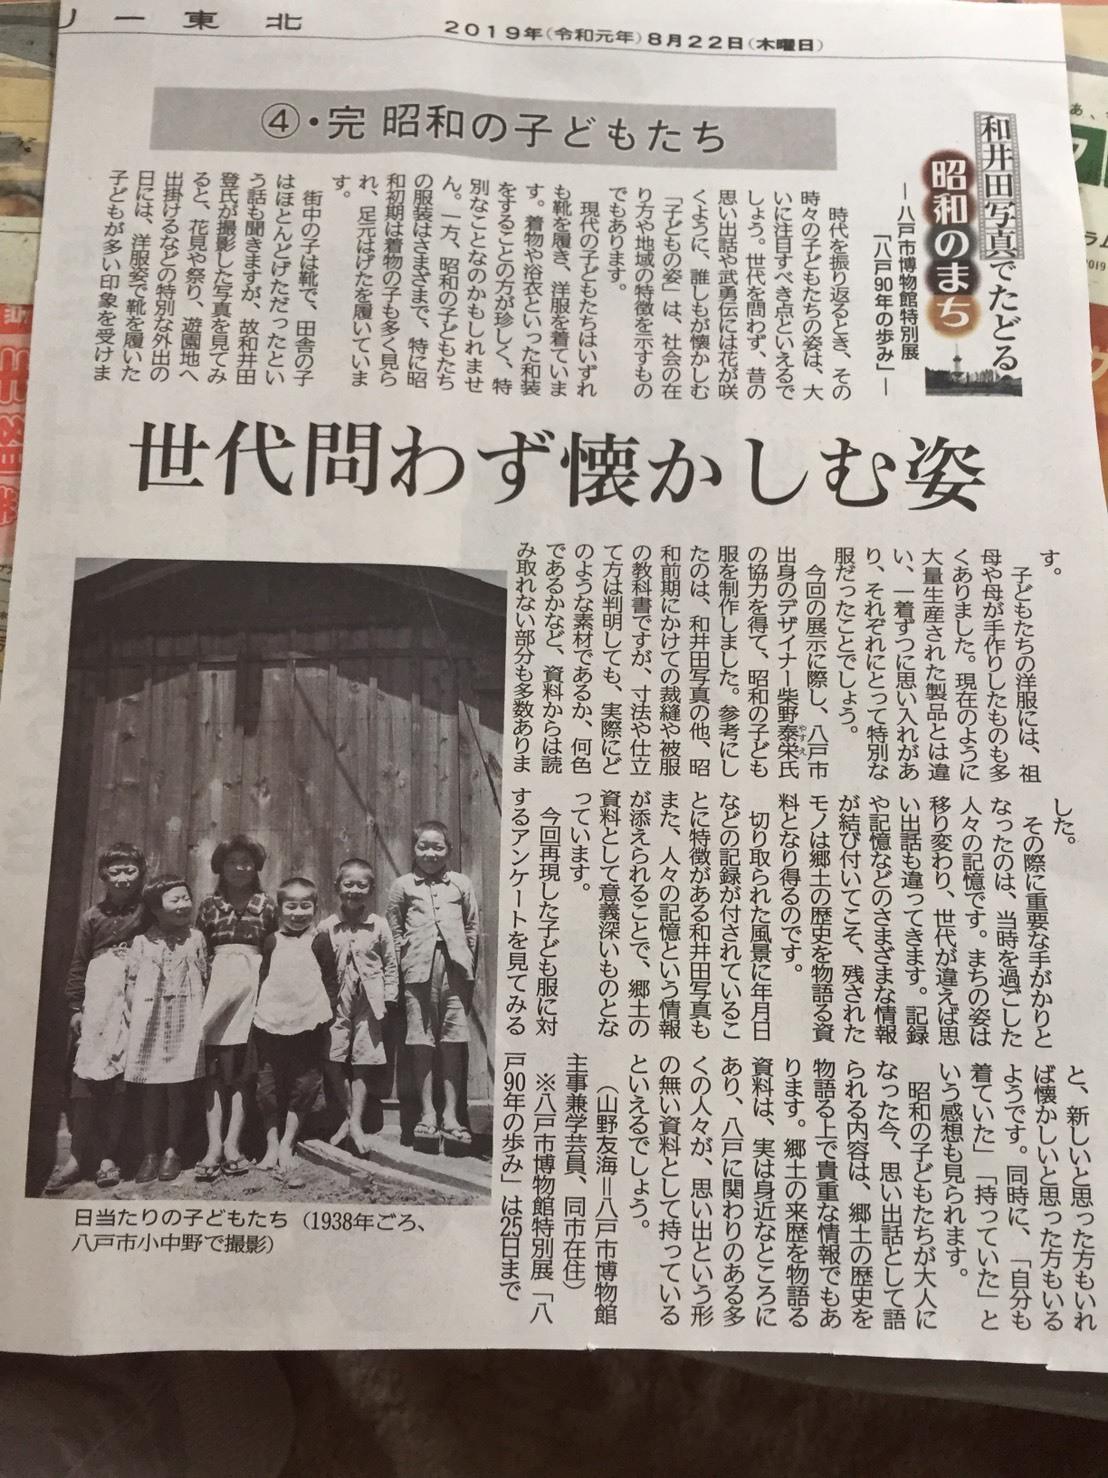 特別展「八戸90年の歩み」についての感想と御来館のお礼_e0230987_16275823.jpeg